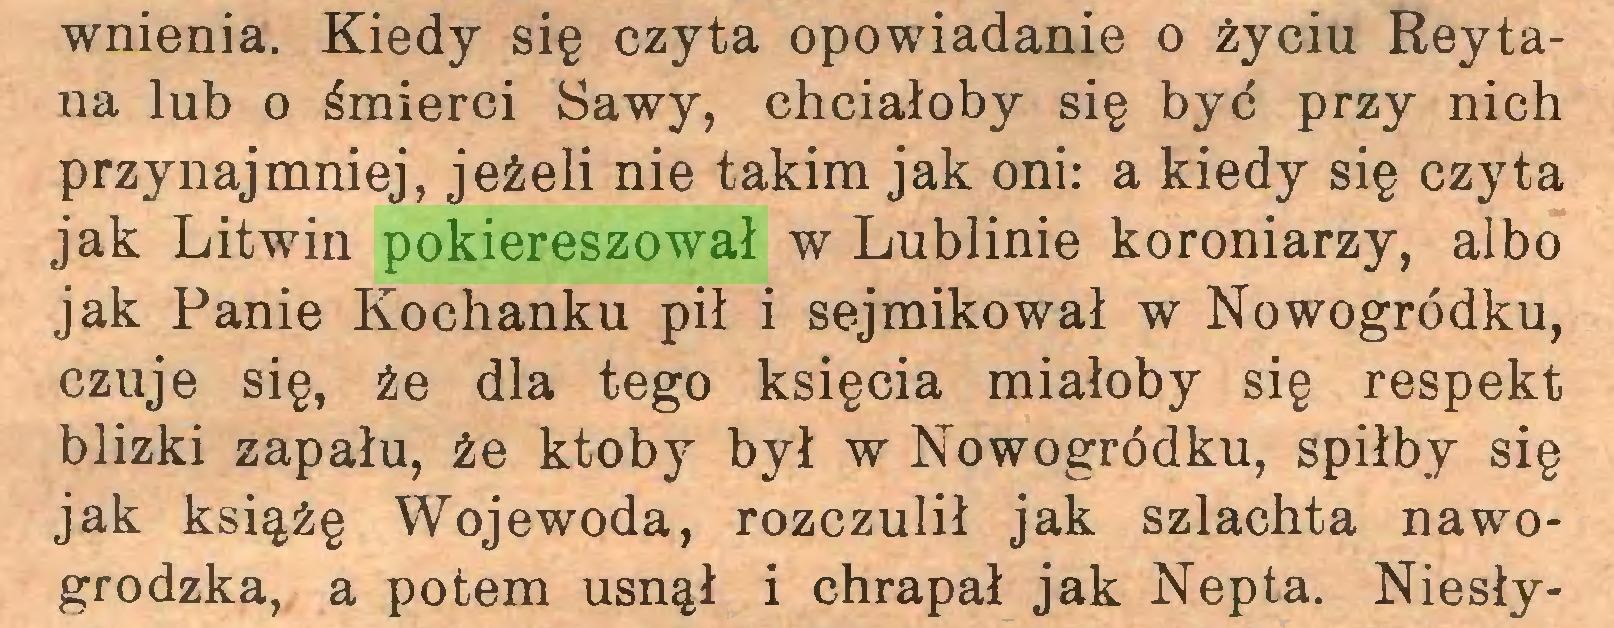 (...) wnienia. Kiedy się czyta opowiadanie o życiu Reytana lub o śmierci Sawy, chciałoby się byó przy nich przynajmniej, jeżeli nie takim jak oni: a kiedy się czyta jak Litwin pokiereszował w Lublinie koroniarzy, albo jak Panie Kochanku pił i sejmikował w Nowogródku, czuje się, że dla tego księcia miałoby się respekt blizki zapału, że ktoby był w Nowogródku, spiłby się jak książę Wojewoda, rozczulił jak szlachta nawogrodzka, a potem usnął i chrapał jak Nepta. Niesły...